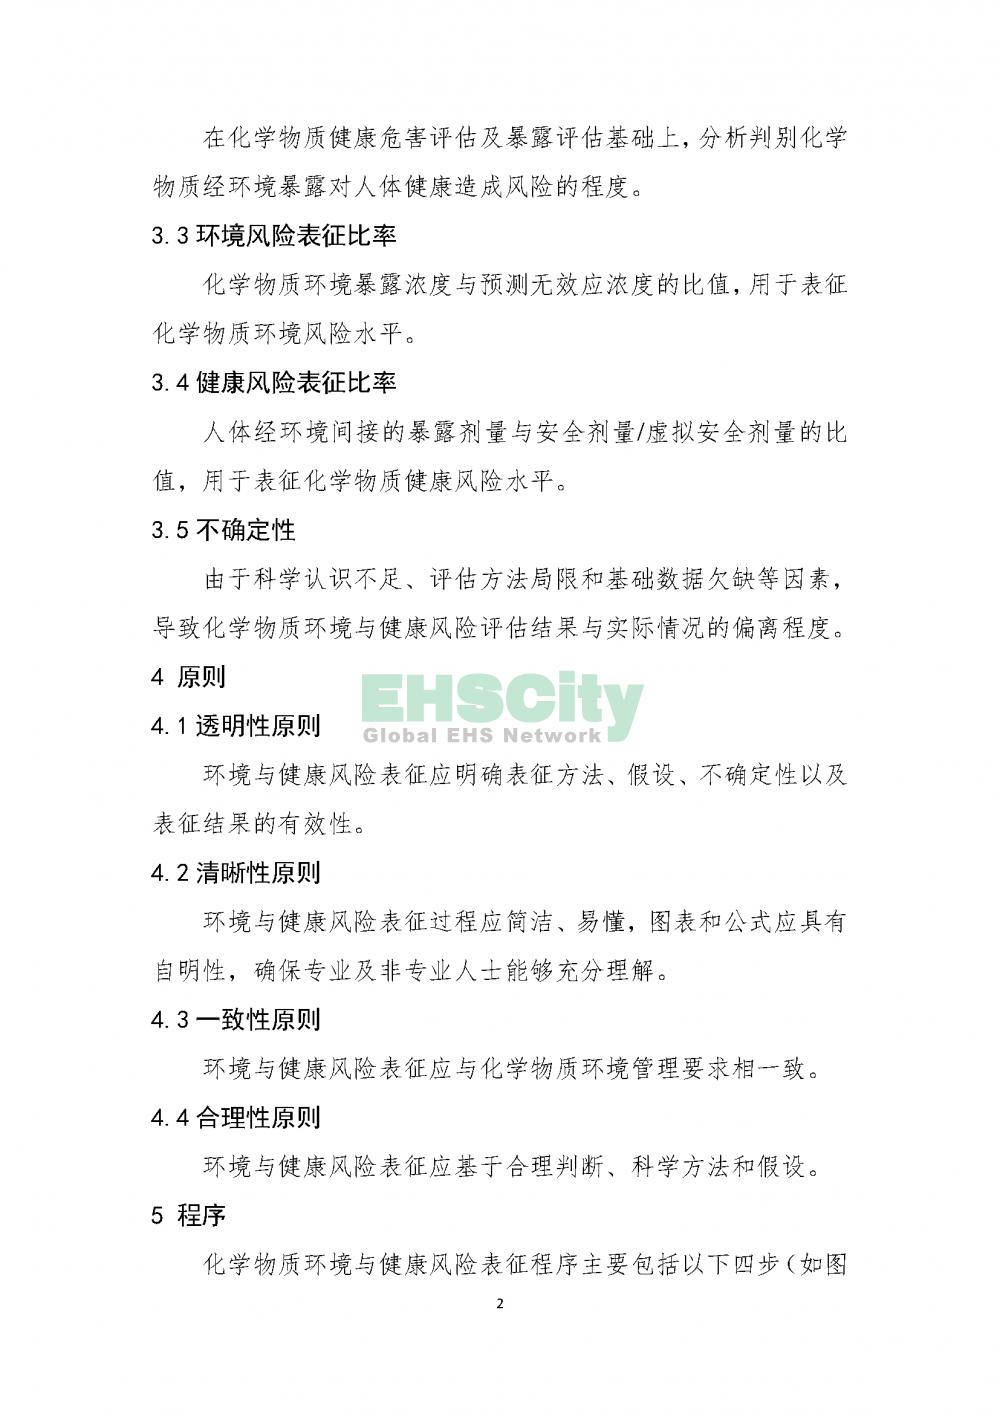 3化学物质环境与健康风险表征技术导则_页面_04